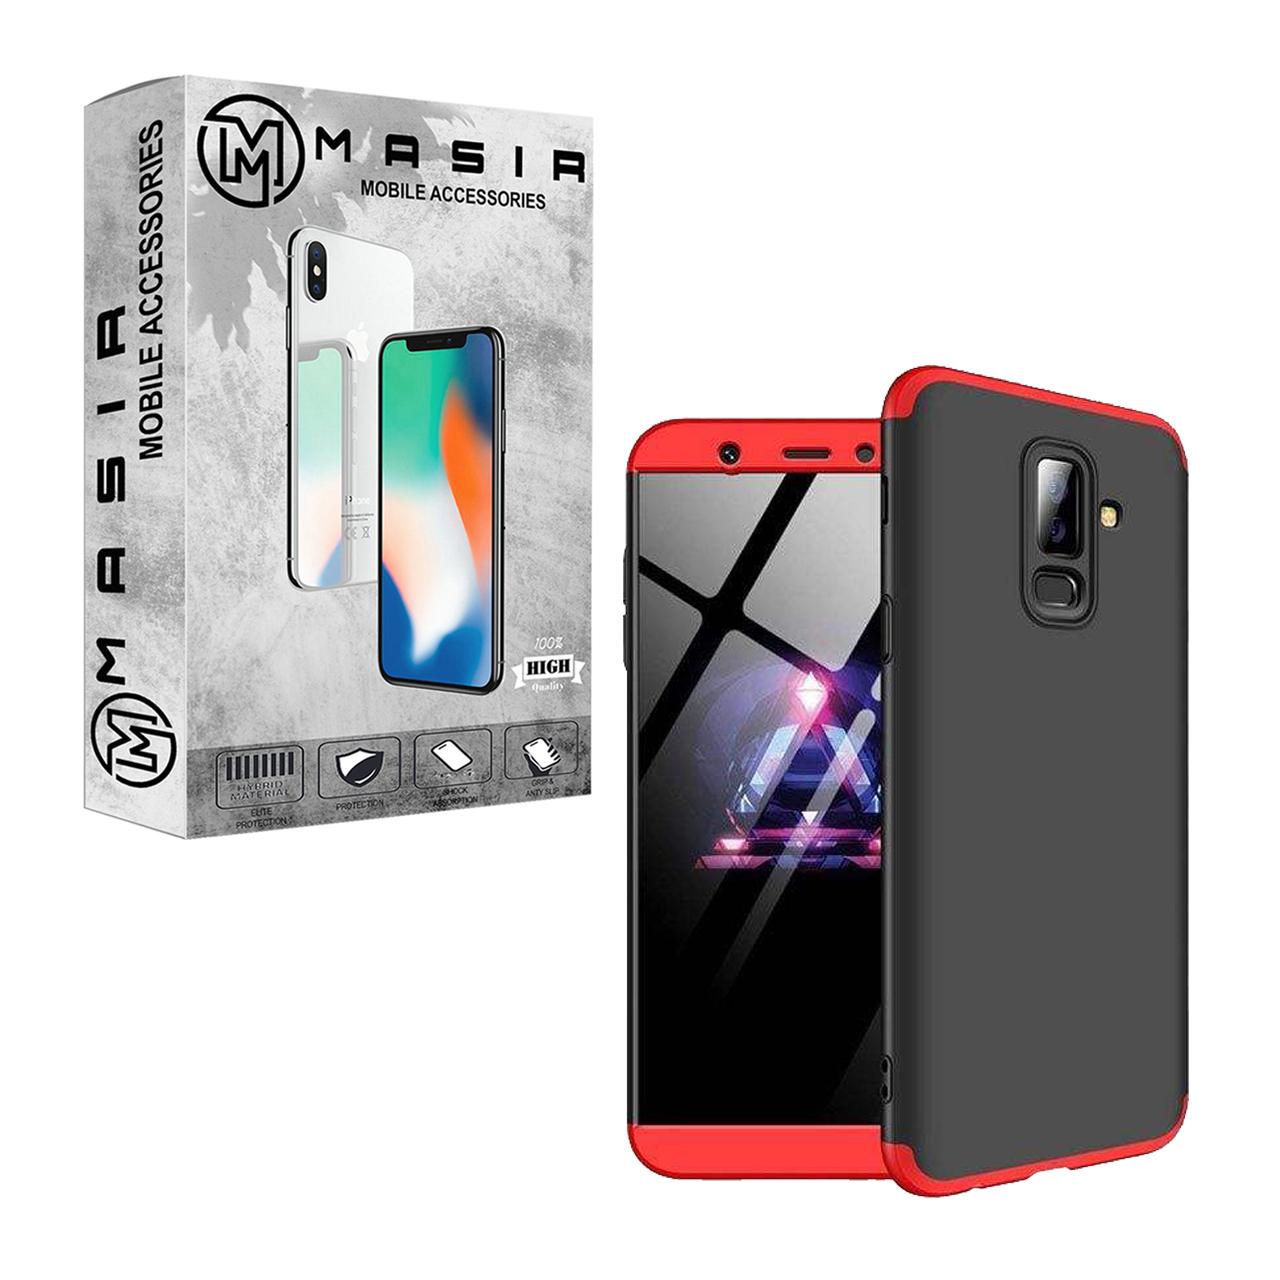 کاور 360 درجه مسیر مدل MGKS6-1 مناسب برای گوشی موبایلسامسونگ Galaxy A6 plus 2018              ( قیمت و خرید)